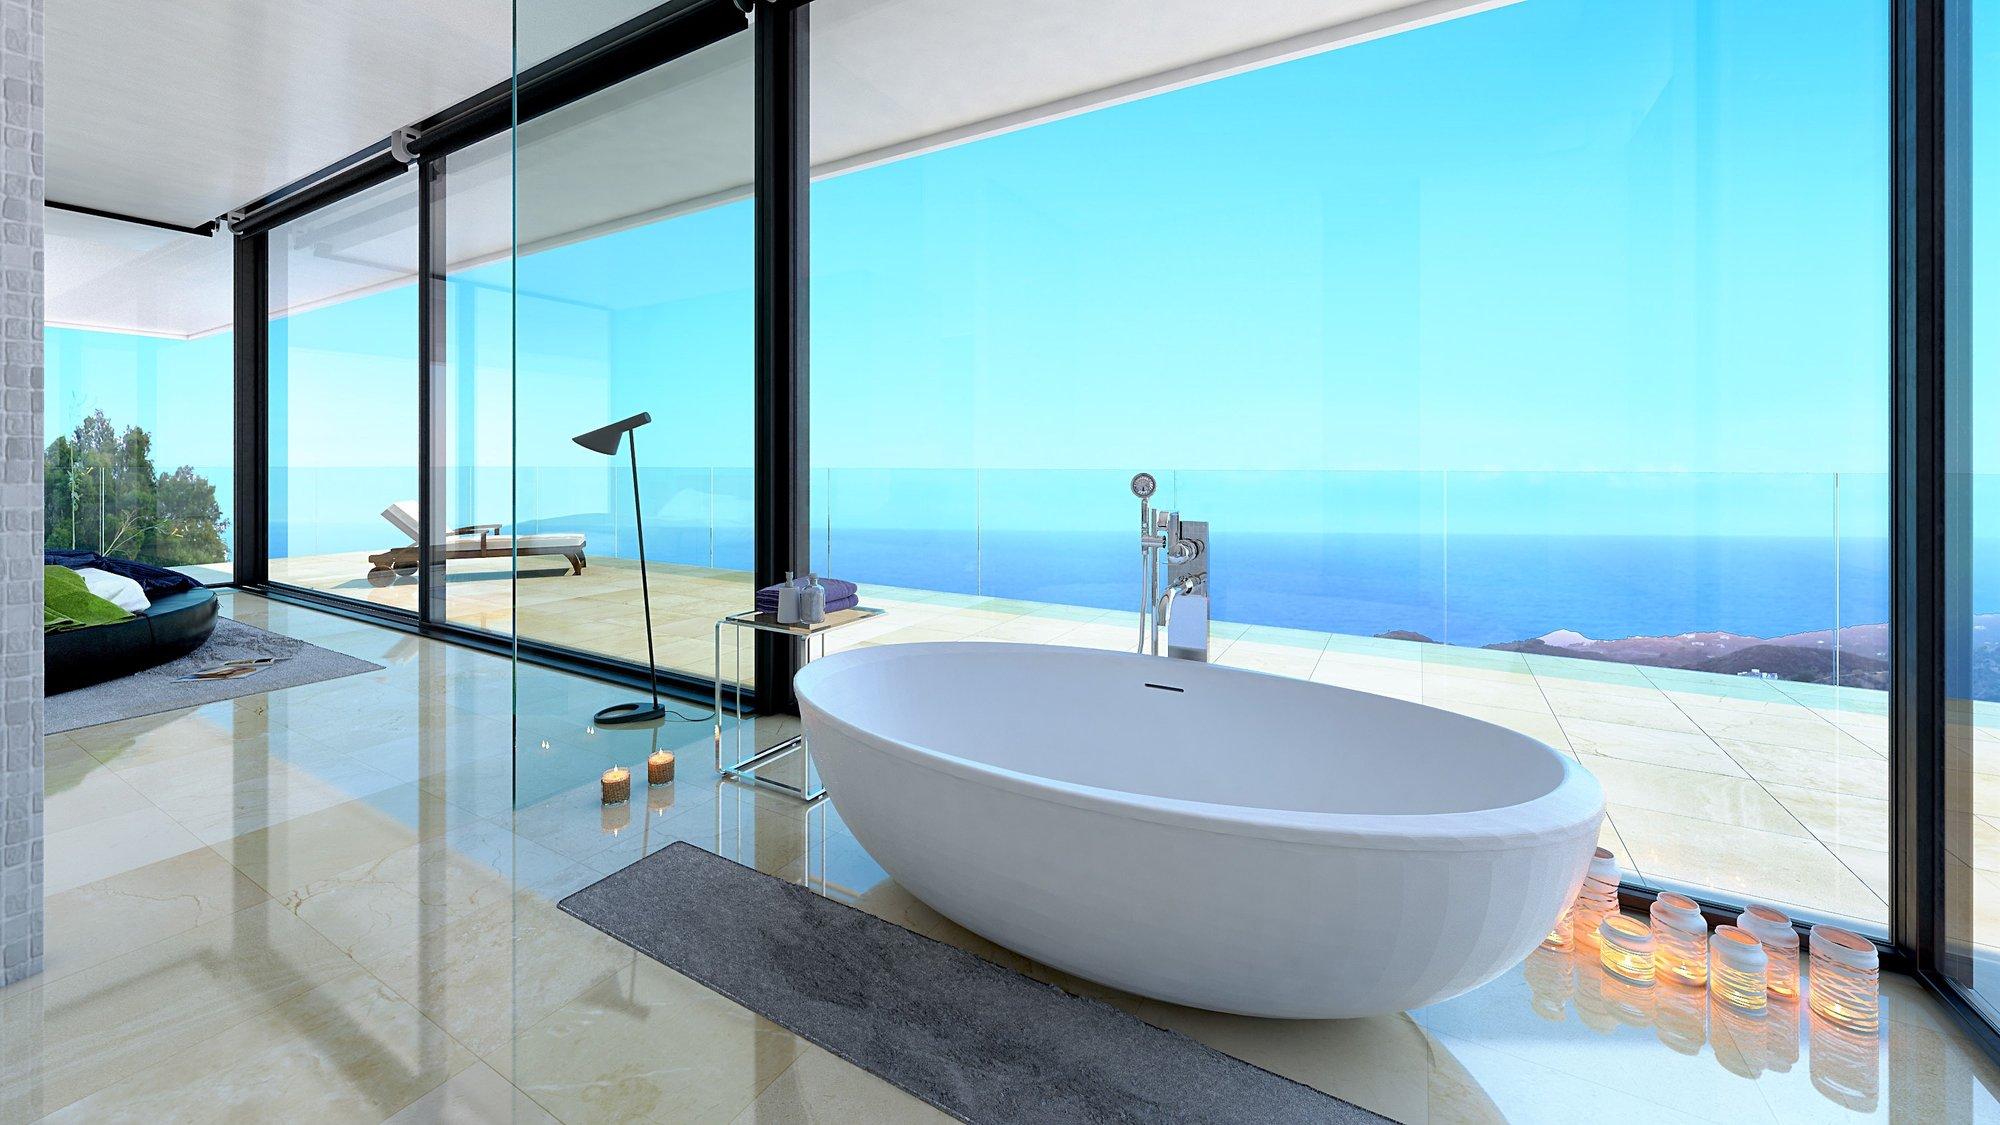 4 bedroom, 5 bathroom Villa for sale in Nueva Andalucia, Marbella ...